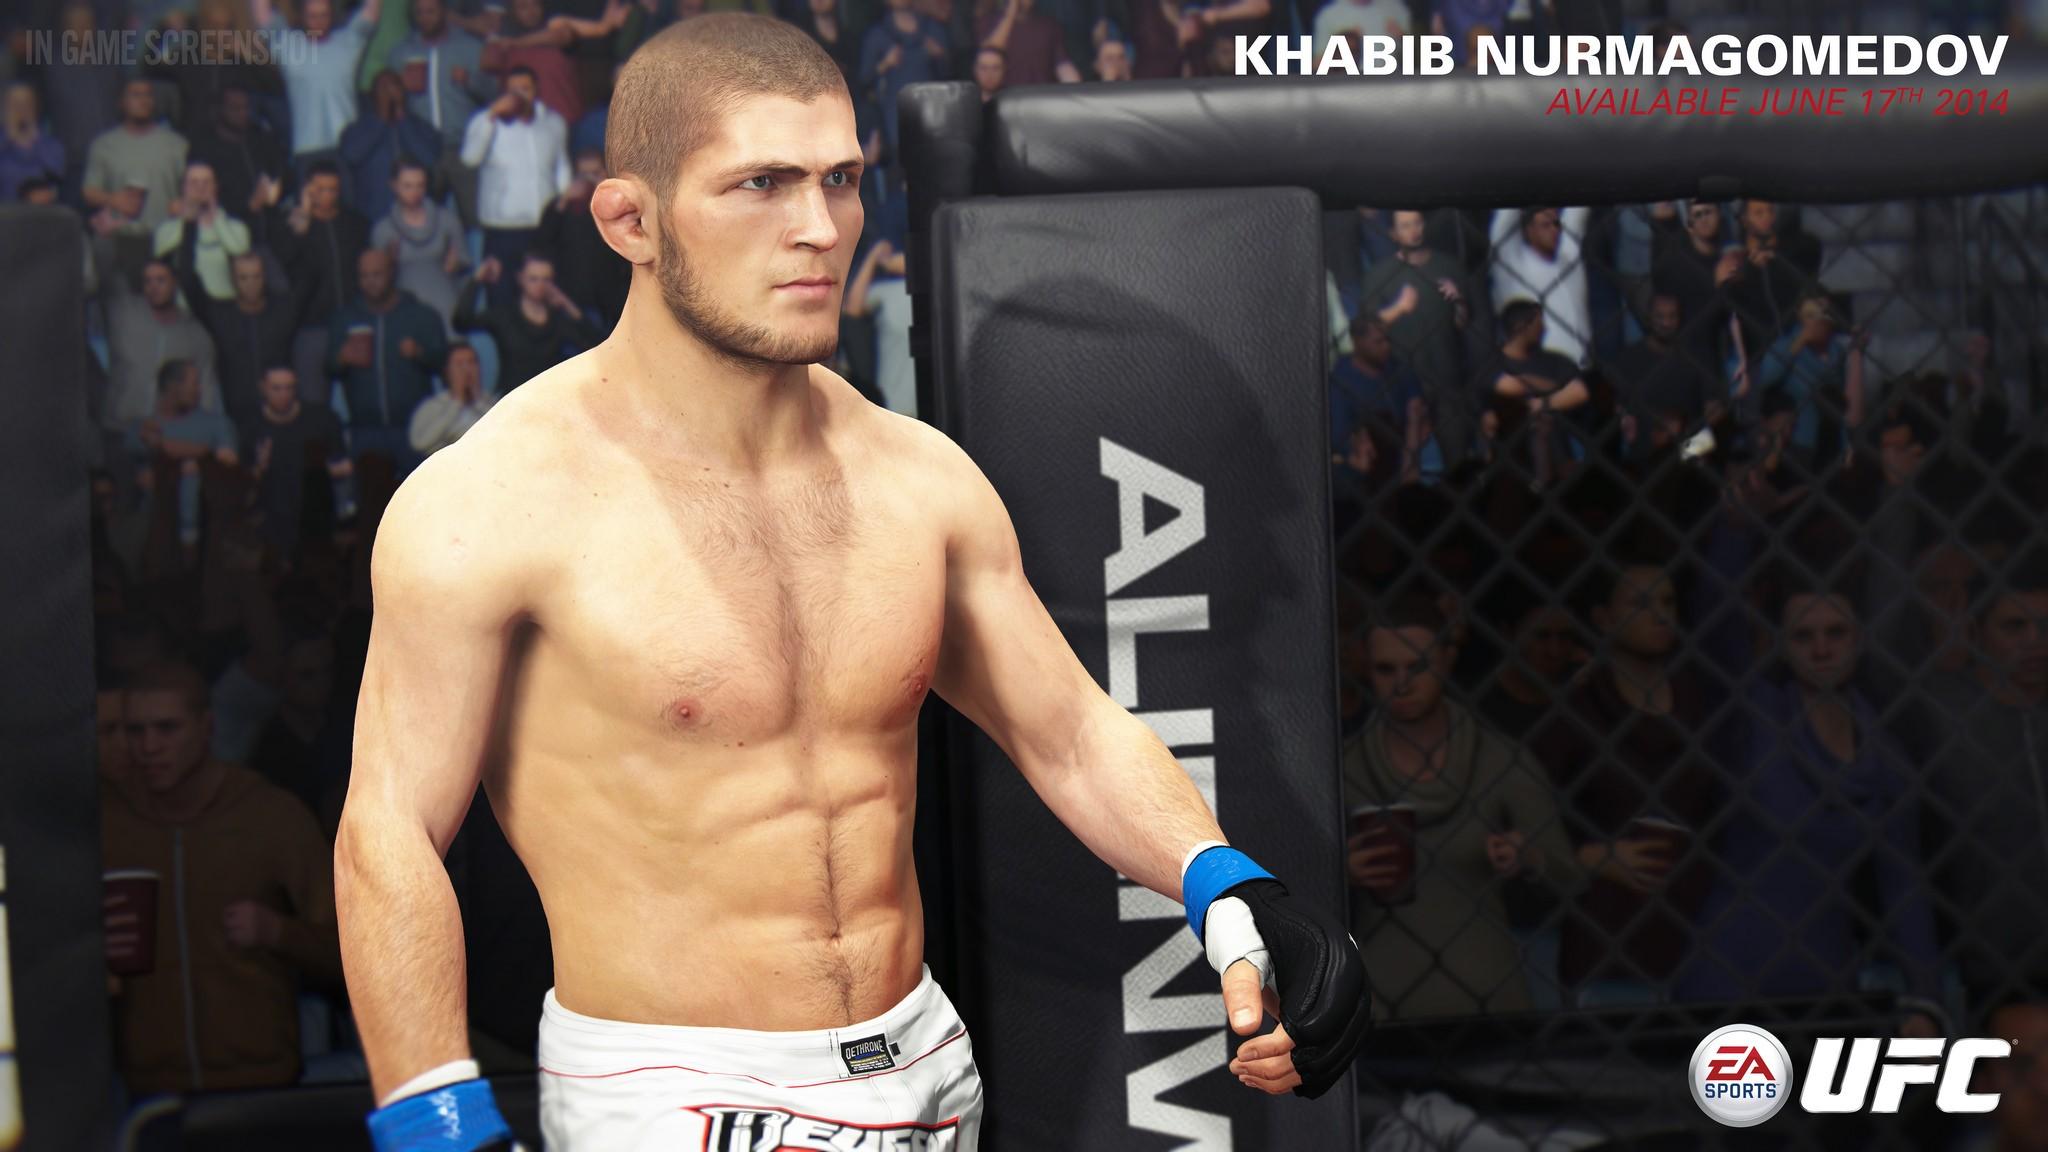 UFC2_khabib_nurmagomedov_shot_1